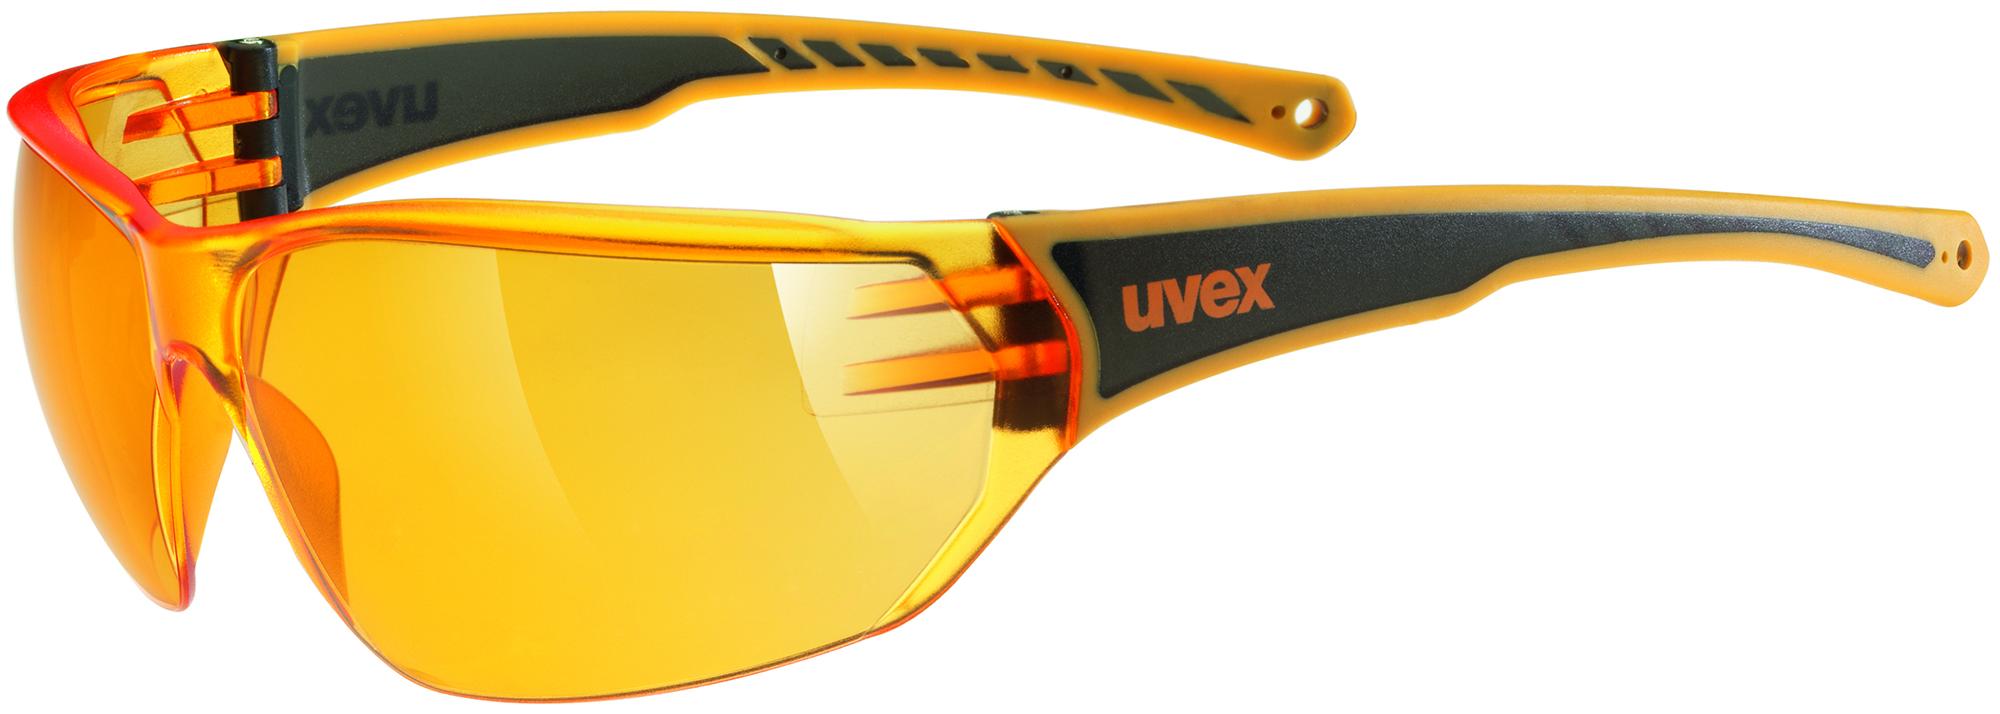 Uvex Солнцезащитные очки Uvex Sportstyle 204 каска uvex 6169